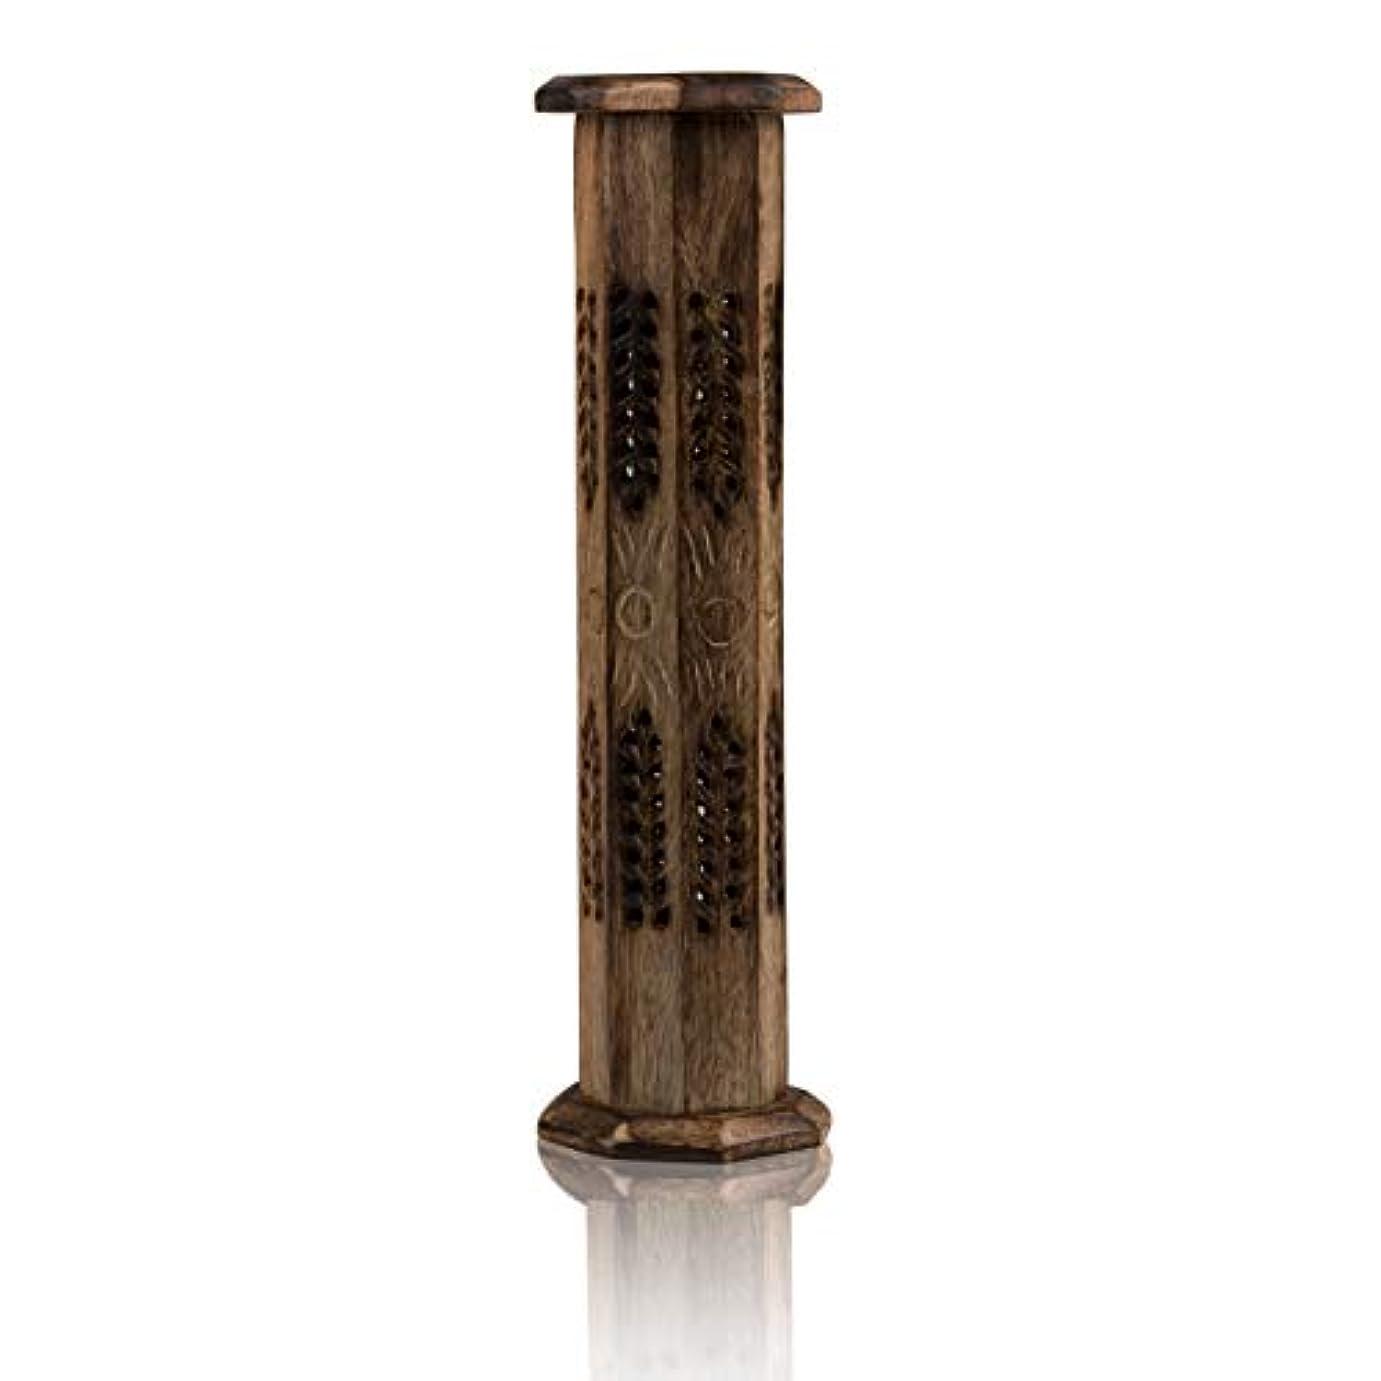 リングレット接続詞保険木製お香スティック&コーンバーナーホルダー タワー ラージ オーガニック エコフレンドリー アッシュキャッチャー アガーバティホルダー 素朴なスタイル 手彫り 瞑想 ヨガ アロマセラピー ホームフレグランス製品